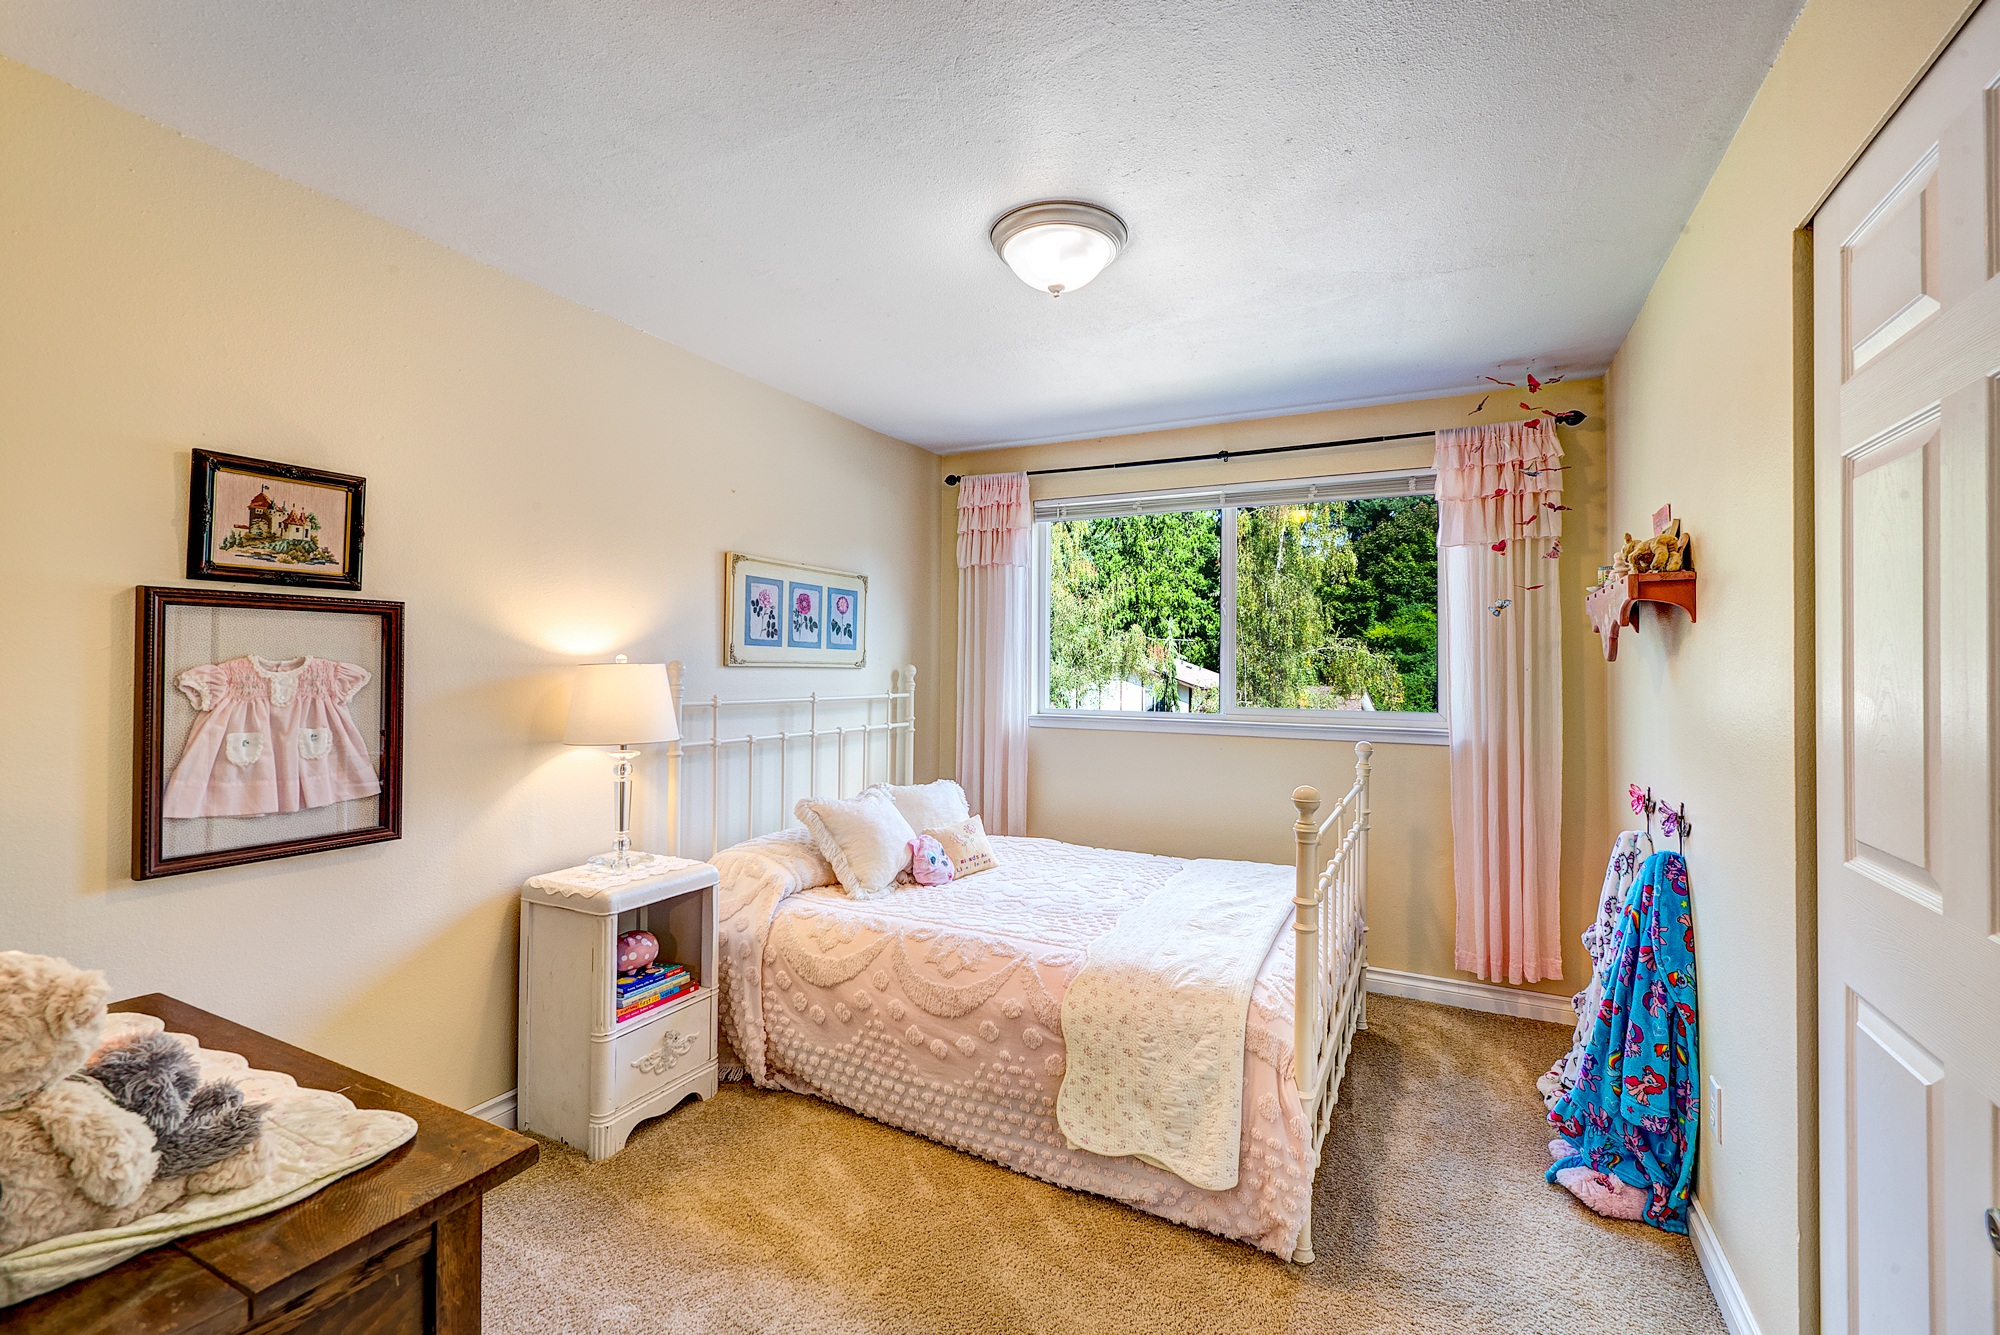 7a-bedroom-1.jpg